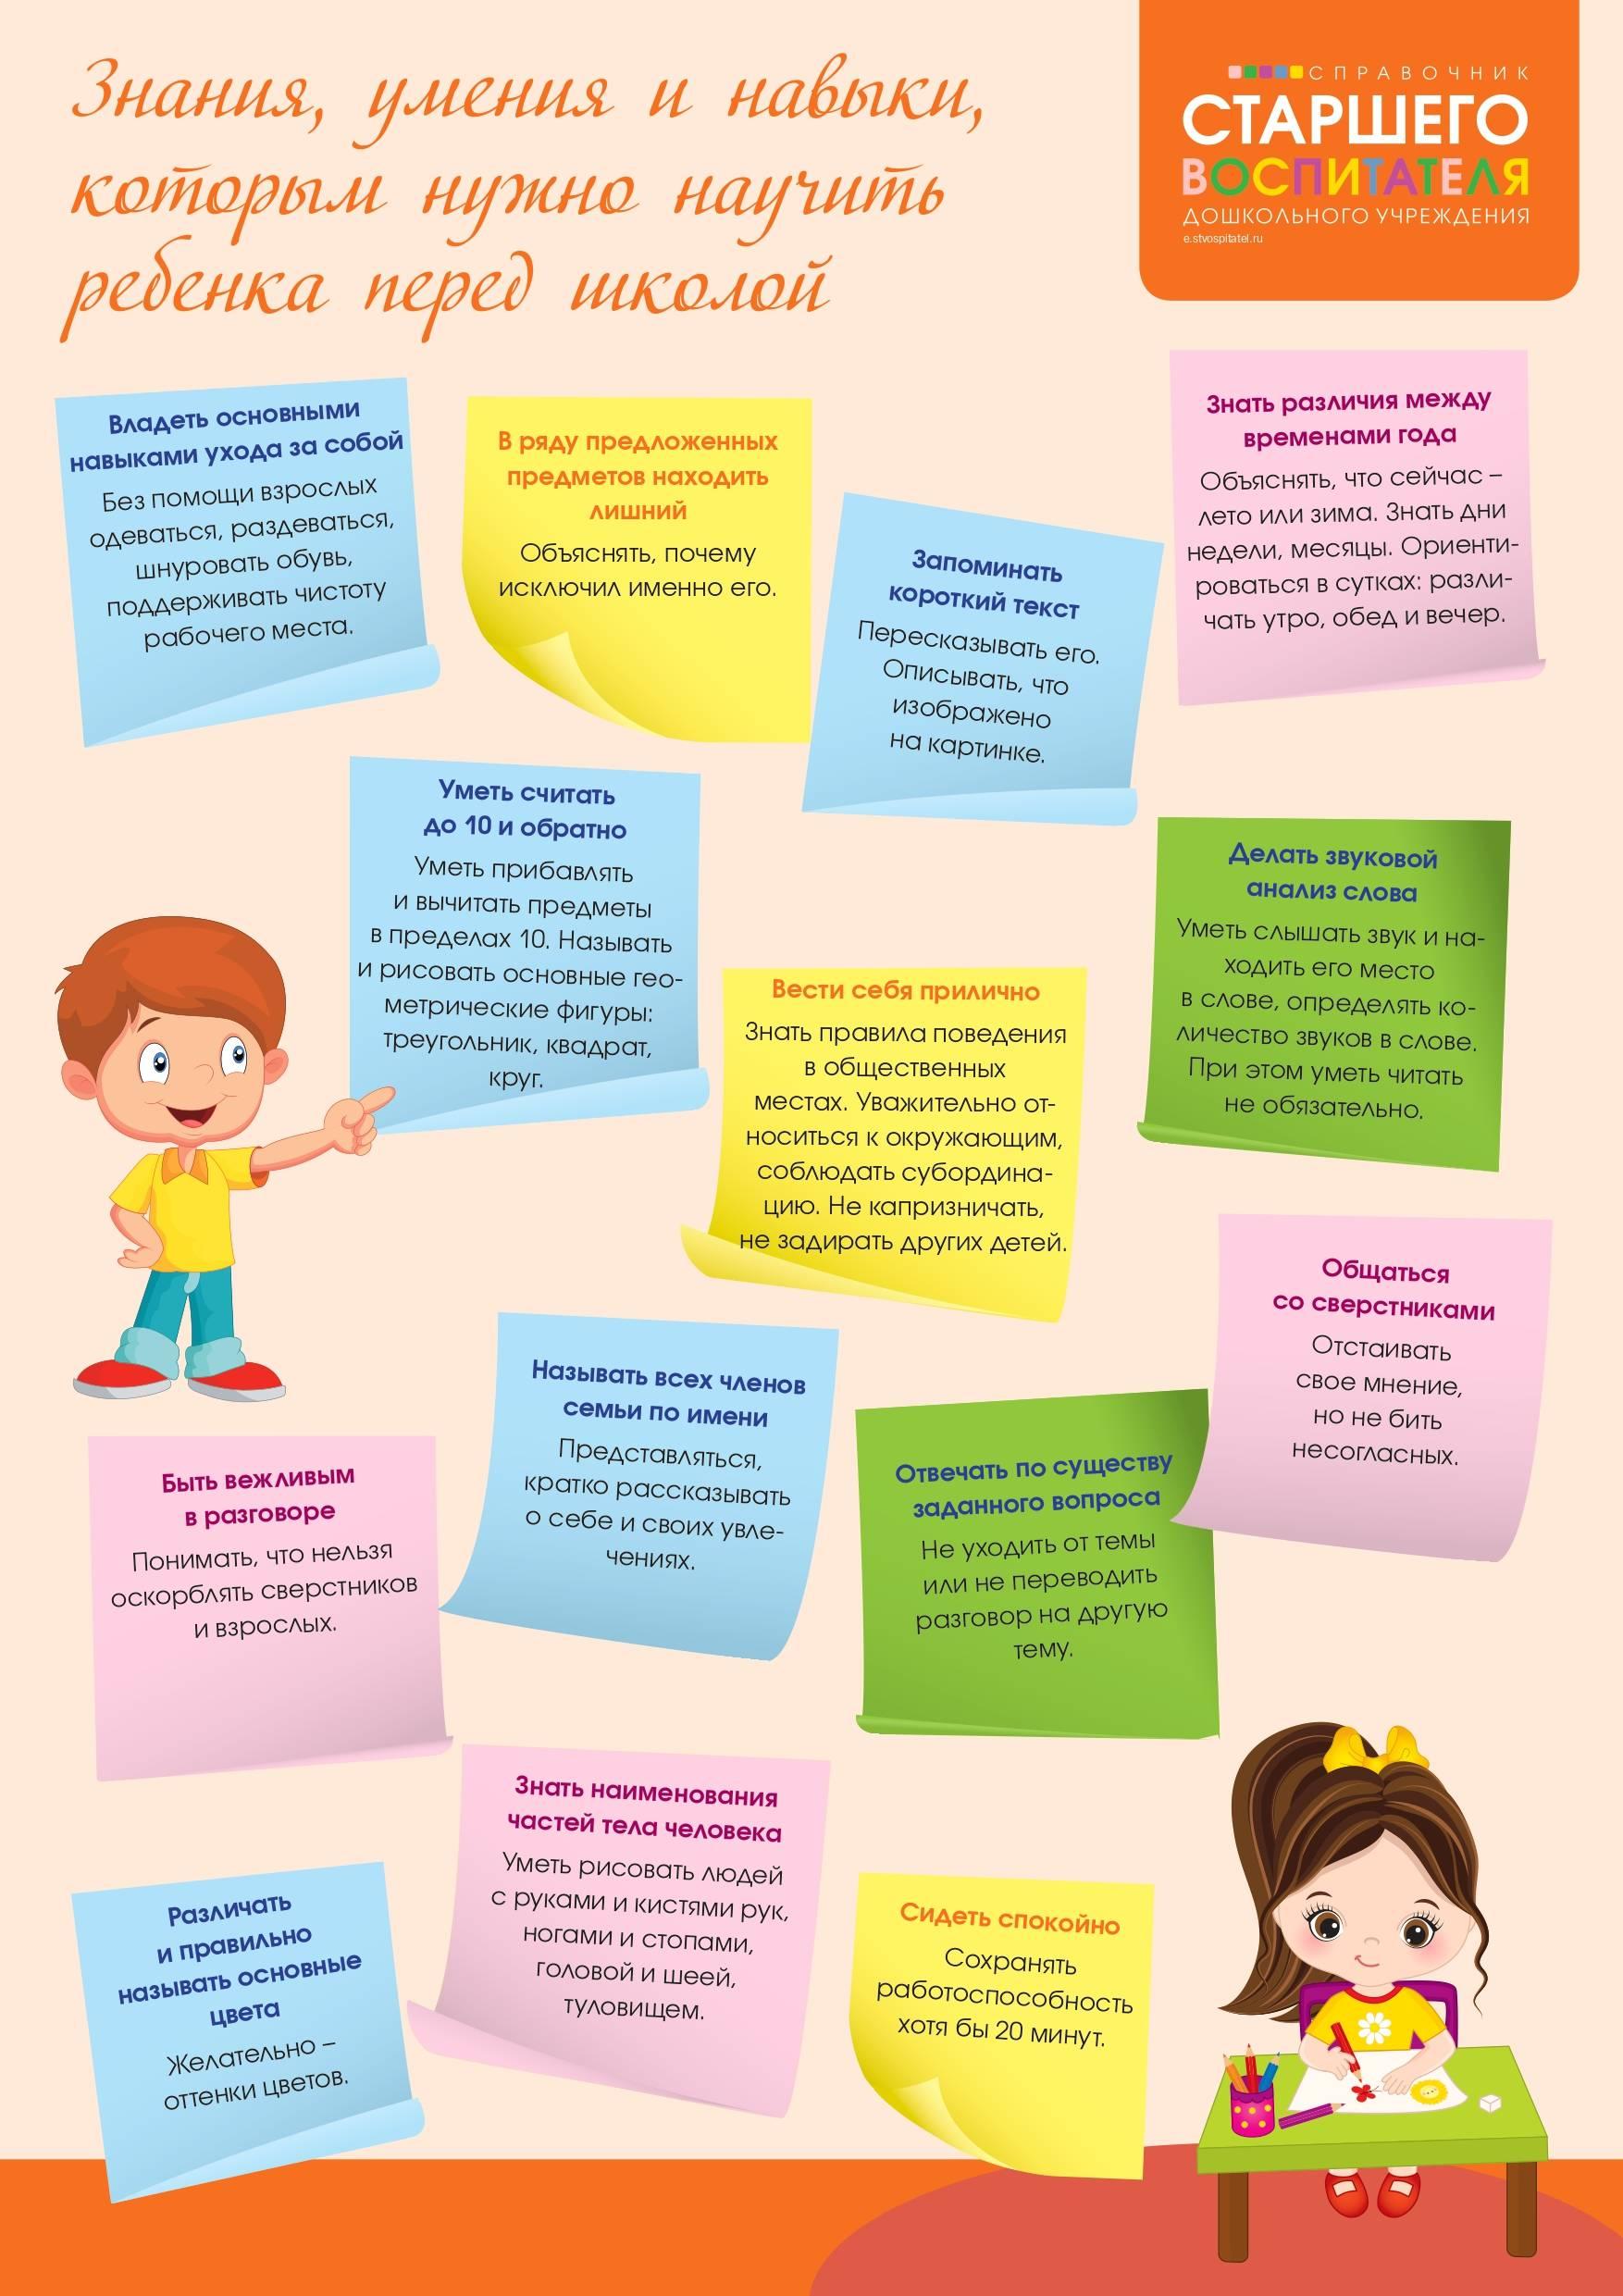 Развитие ребенка по месяцам до 1 года: норма физических и психологических достижений грудничка